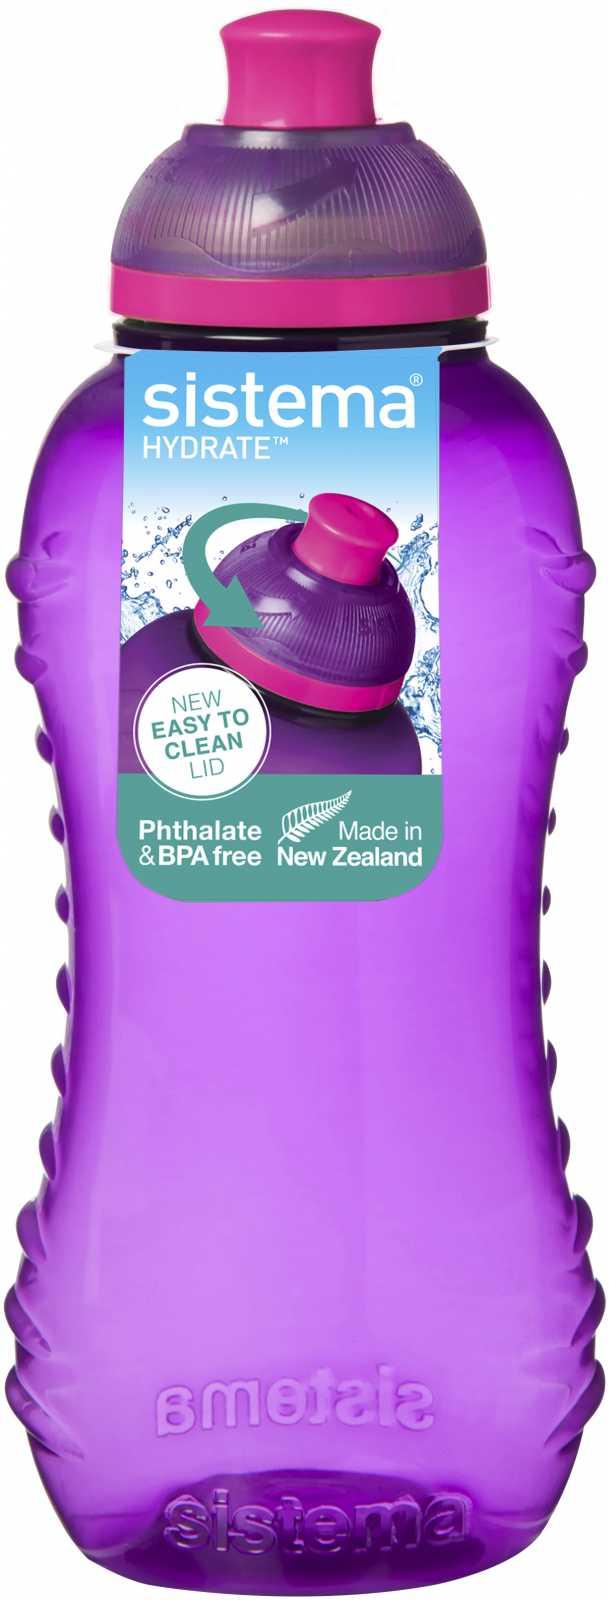 Бутылка детская Sistema HYDRATE, объем 0,33 л, цвет в ассортименте Sistema 780 фото 1